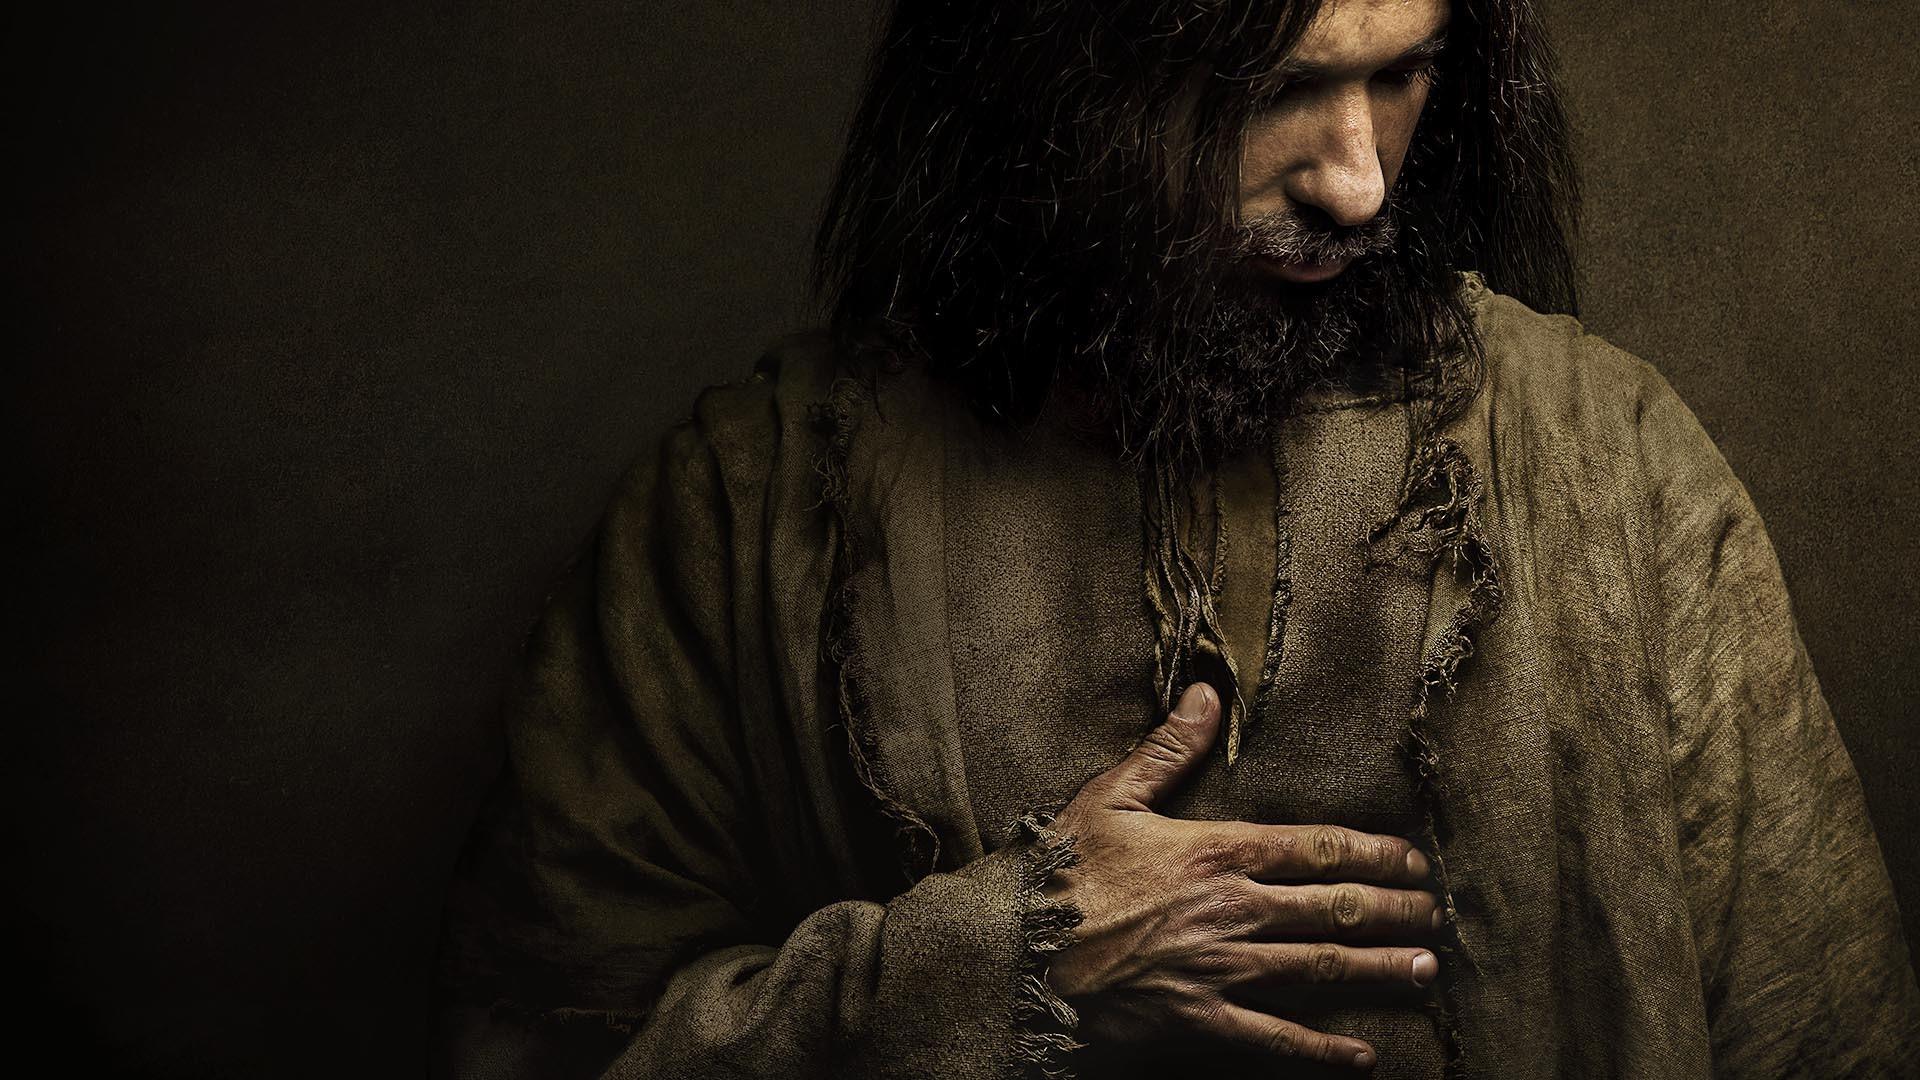 Jesus wallpaper 66 images - Wallpaper de jesus ...